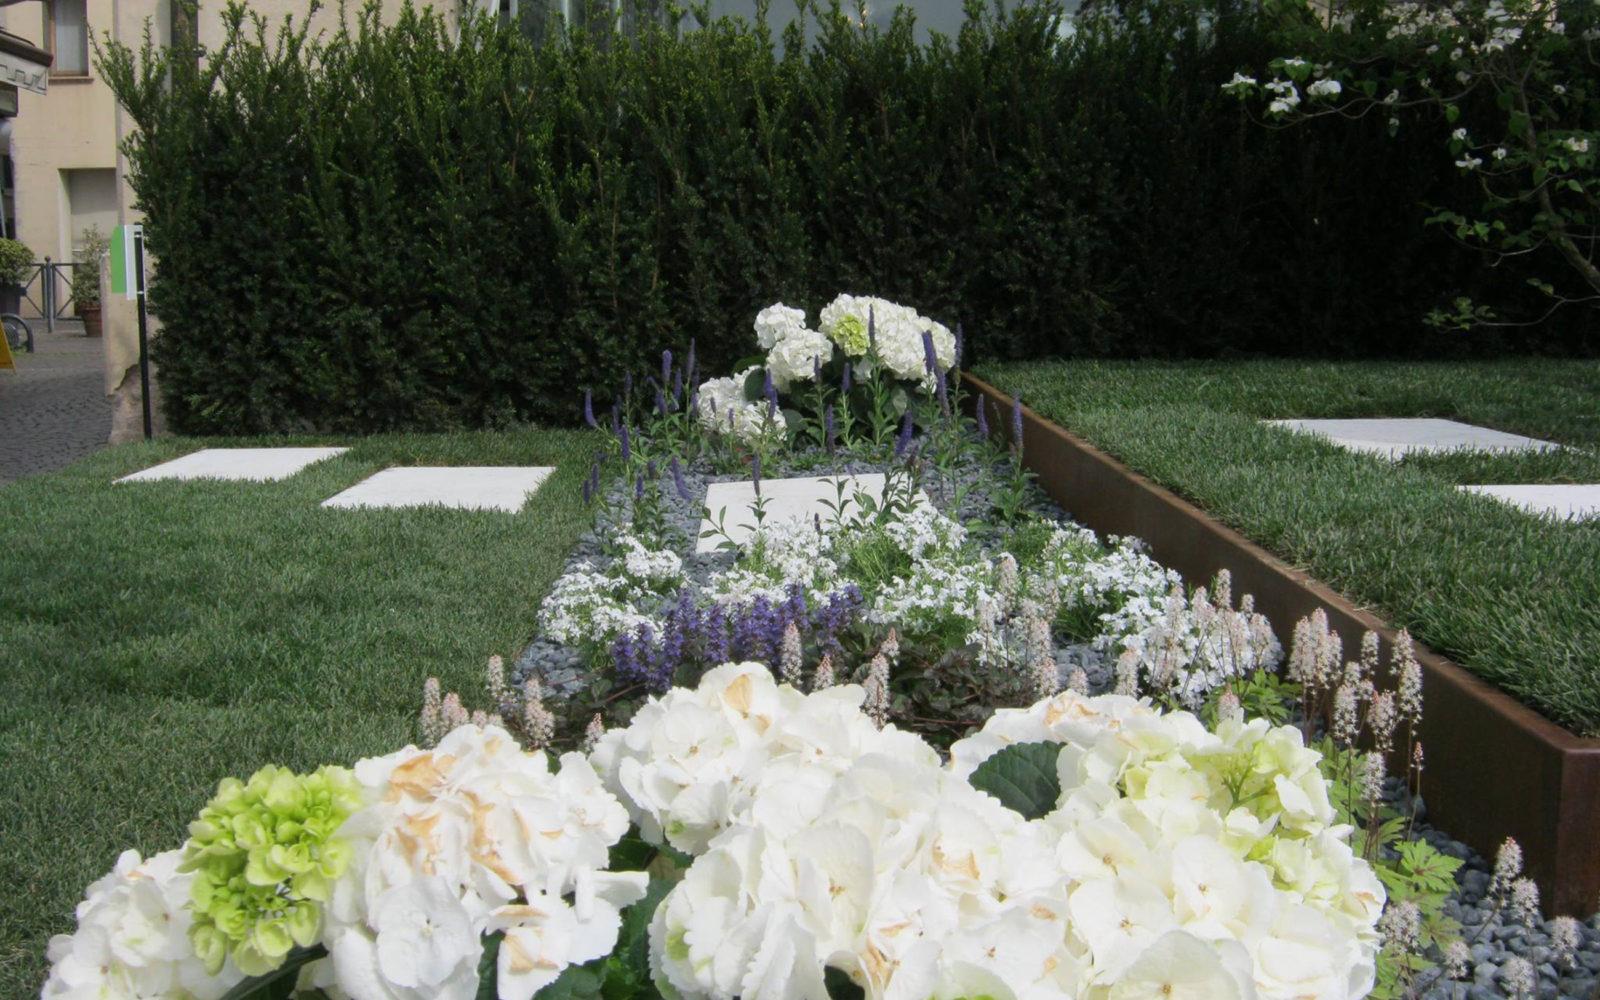 allestimento giardino Verde Idea a Castelfranco Veneto 2016 - 6